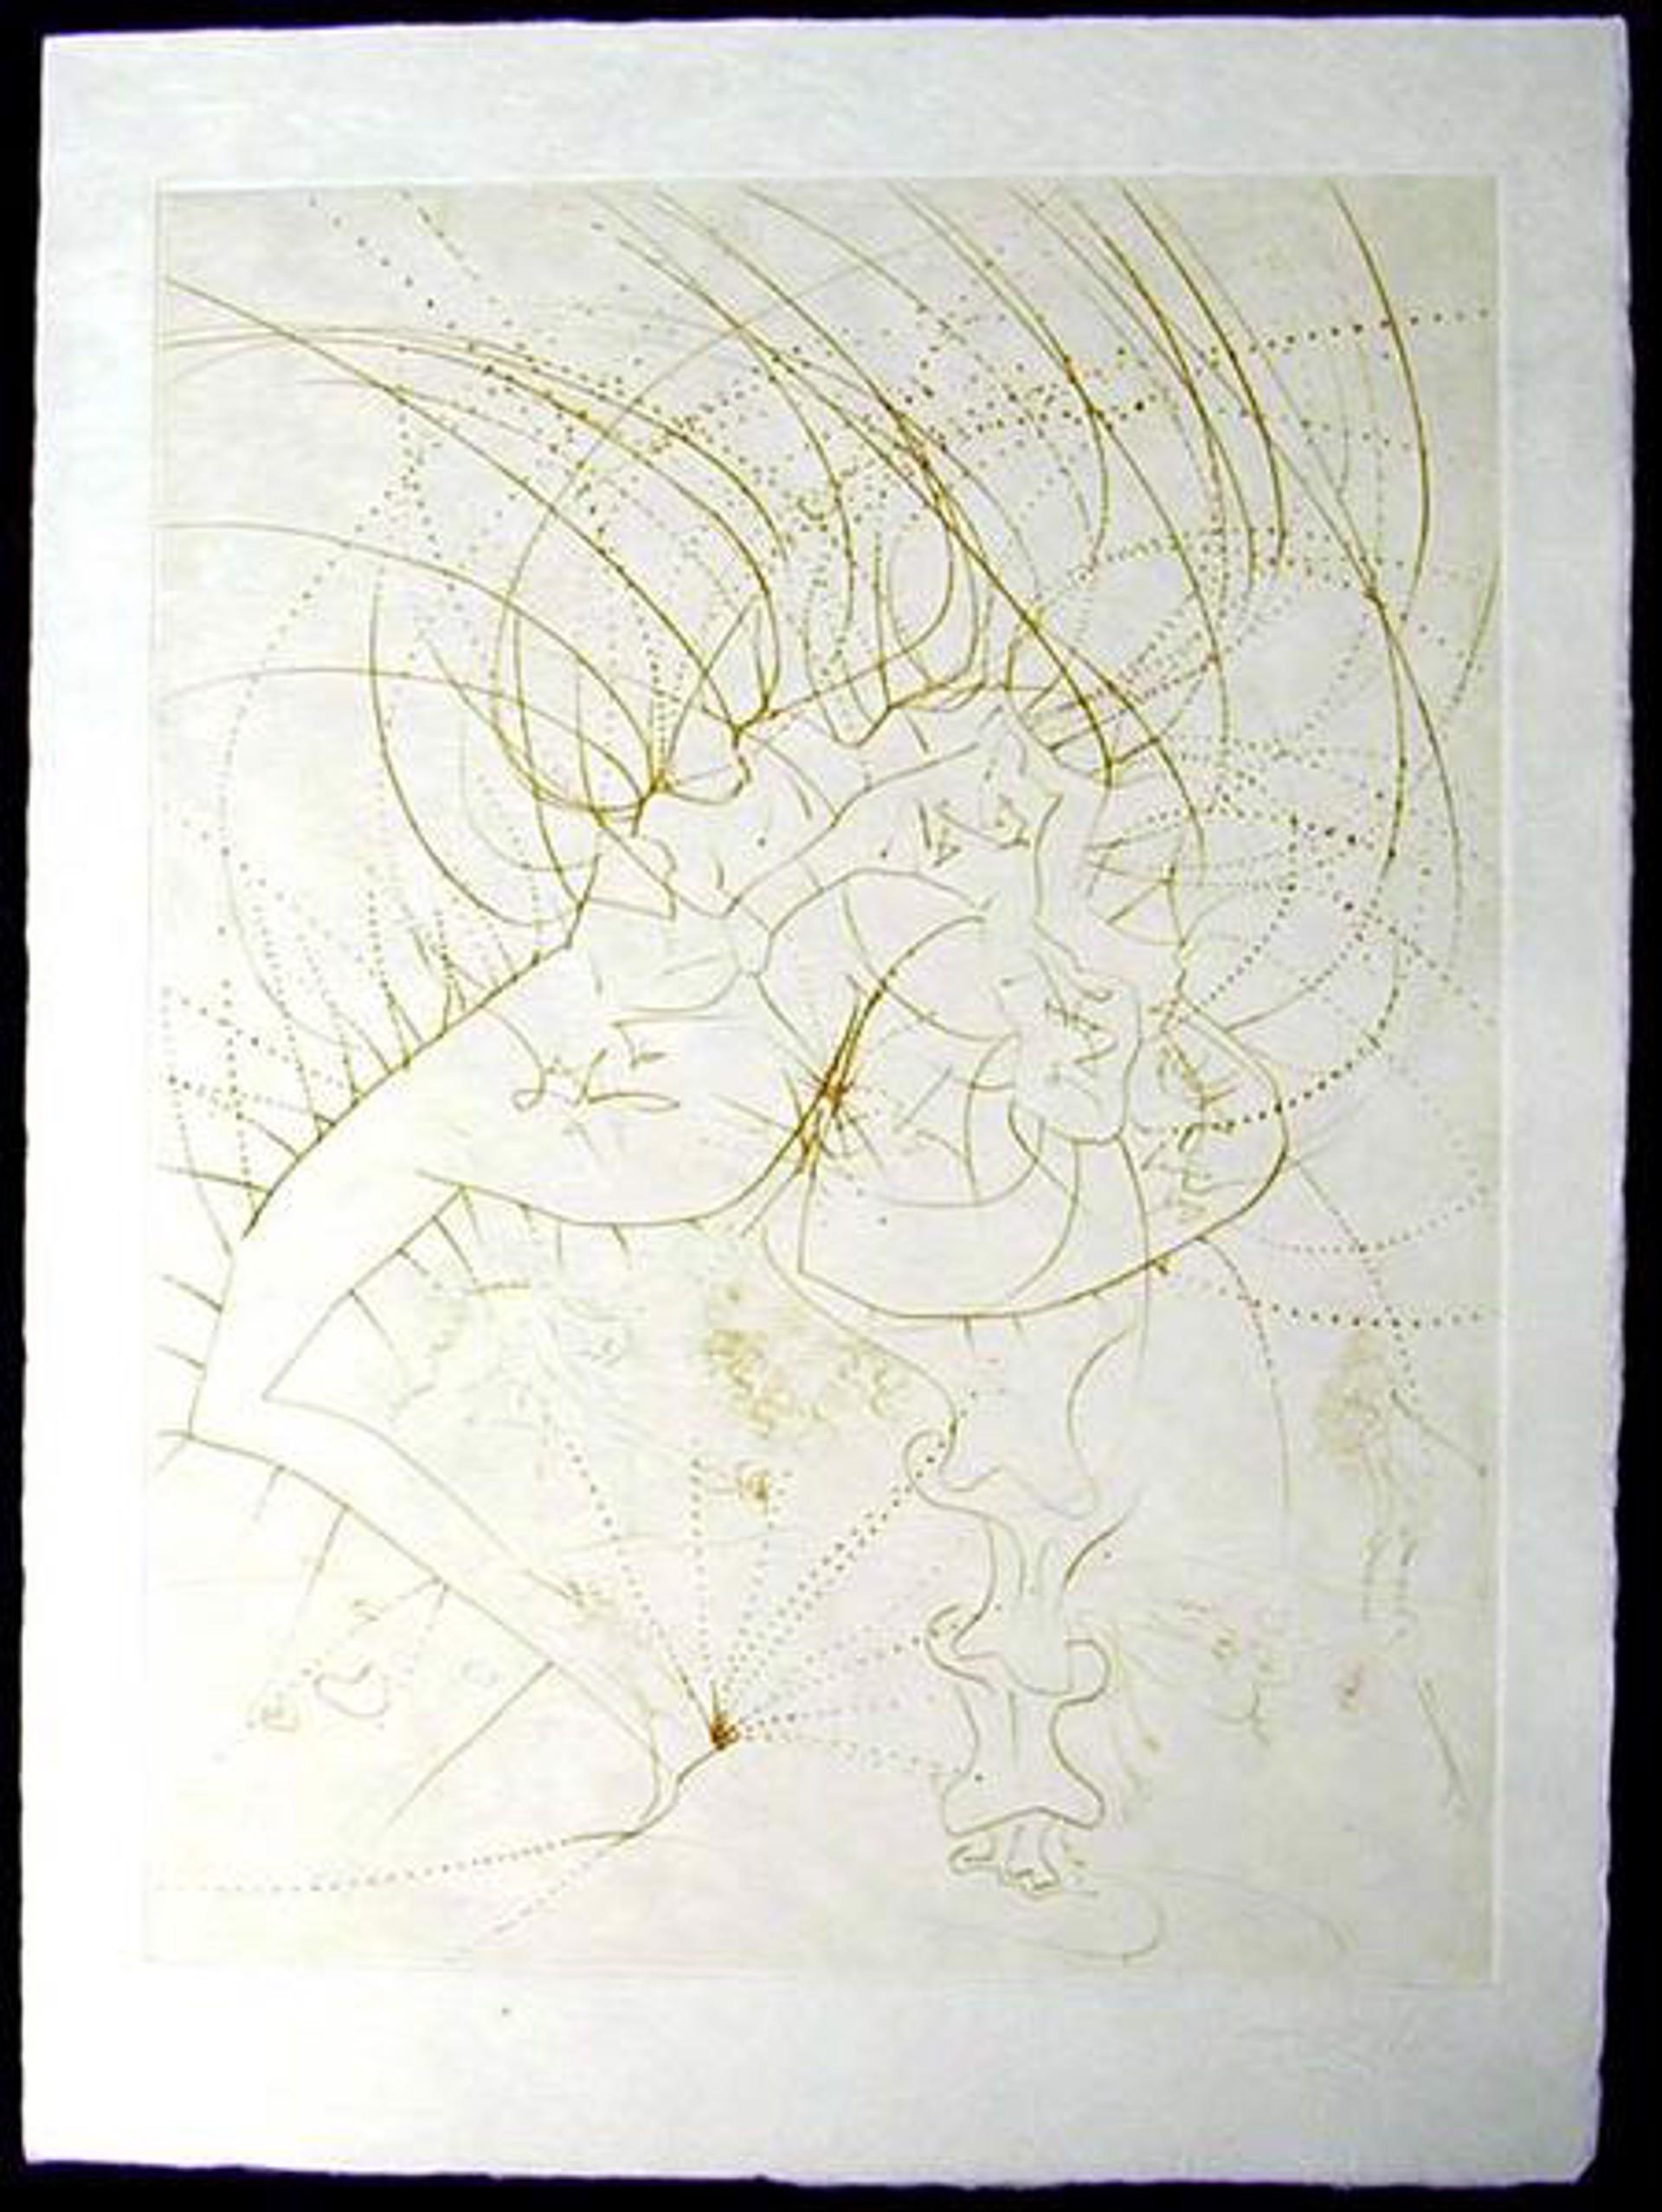 La Femme Feuille from La Venus aux Fourrures by Salvador Dali